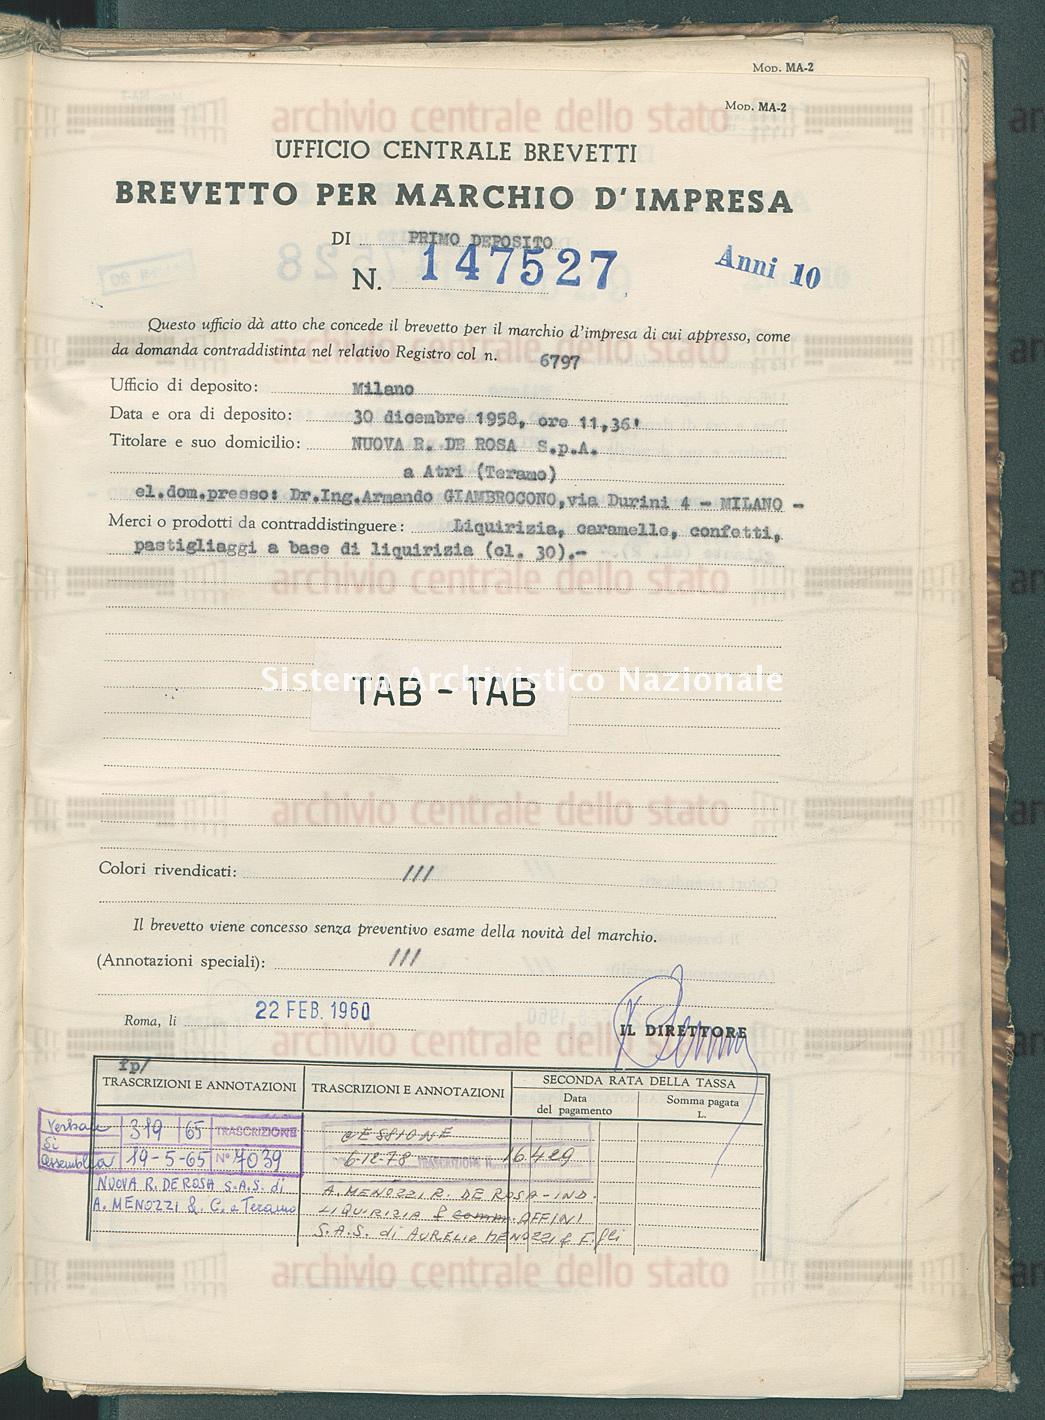 Liquirizia, caramelle, confetti ecc. Nuova R. De Rosa S.P.A. (22/02/1960)